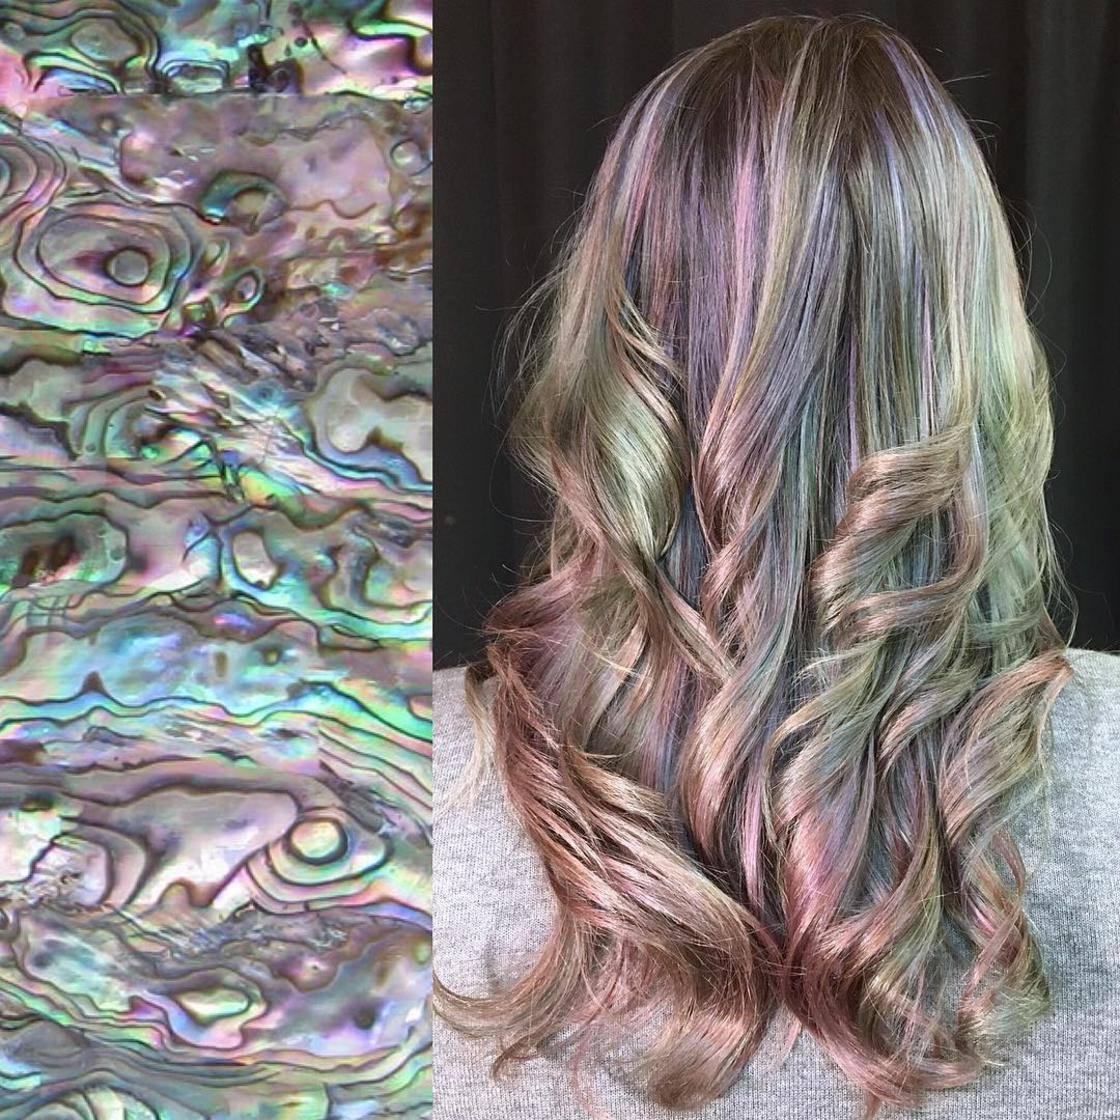 Artista se inspira em imagens fantásticas para mudar a cor do cabelo 13